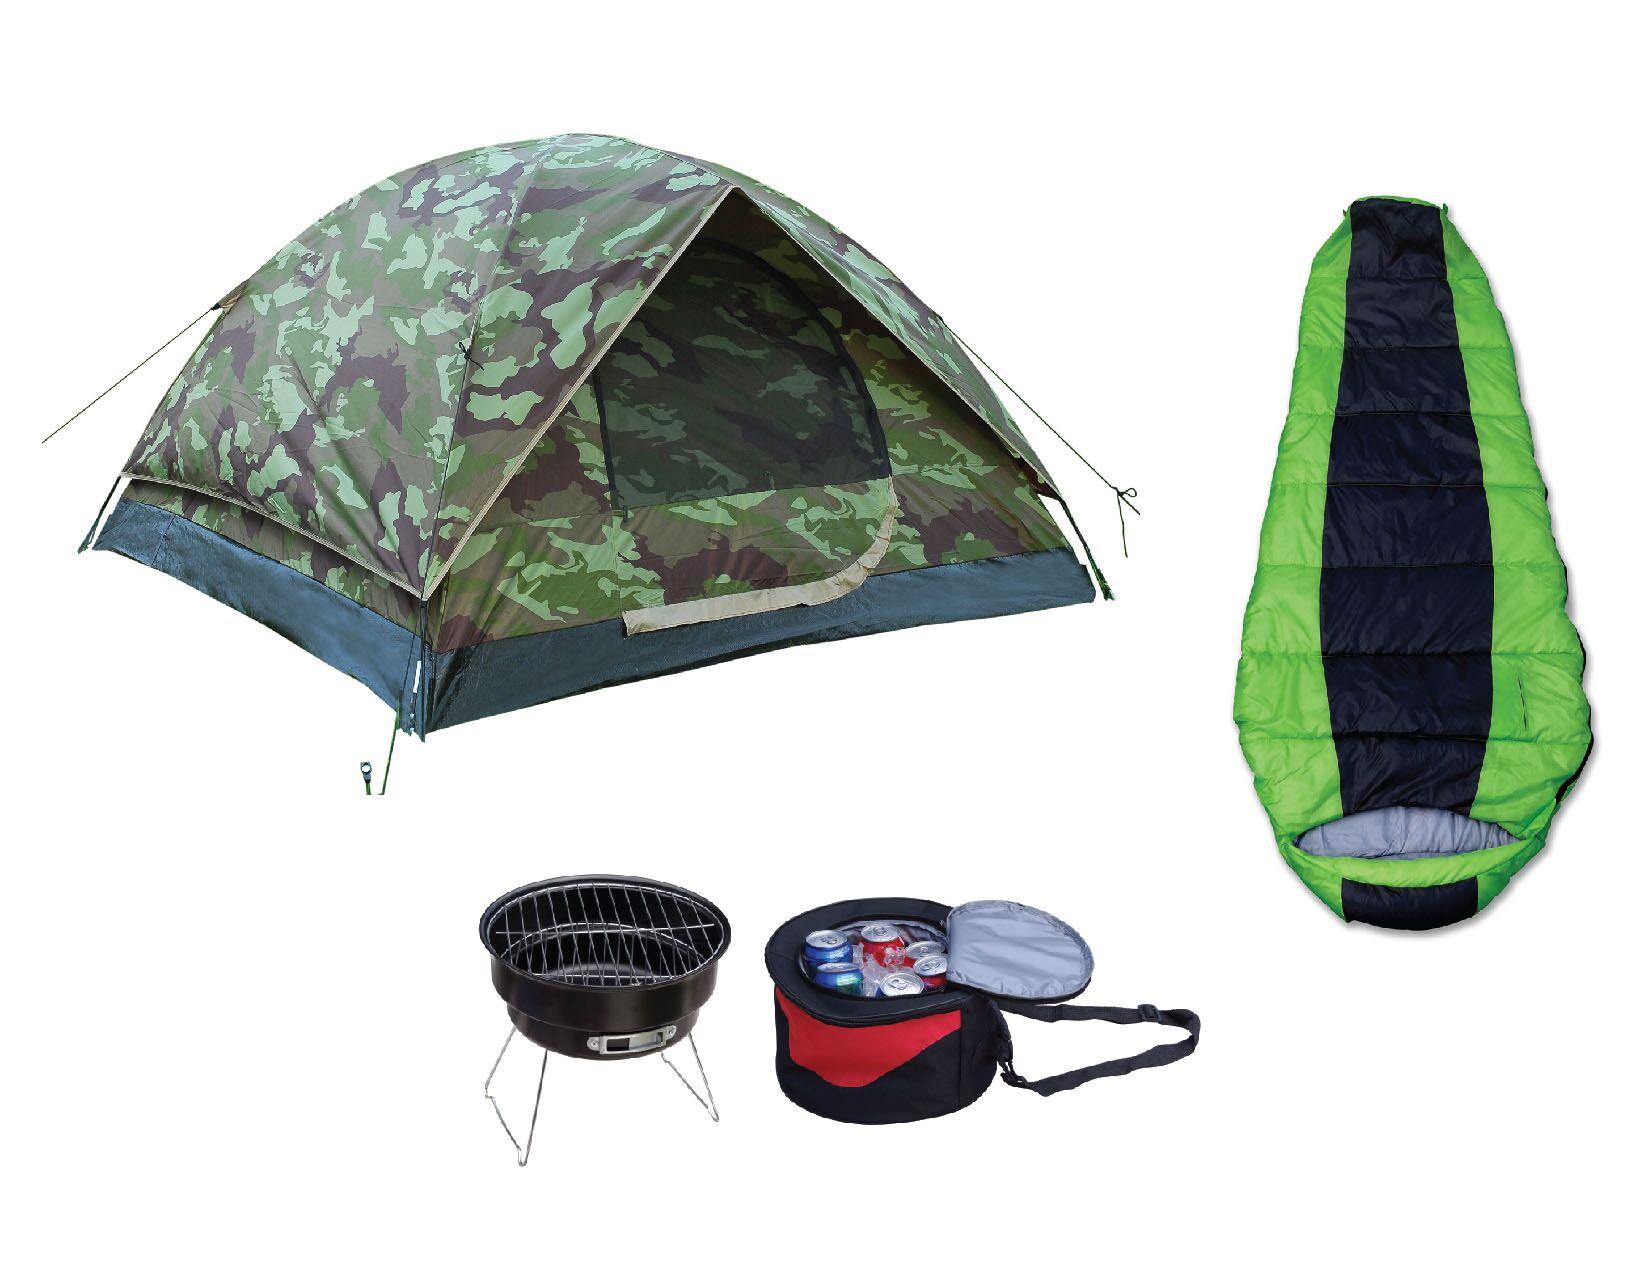 Camping Set Bundle 5